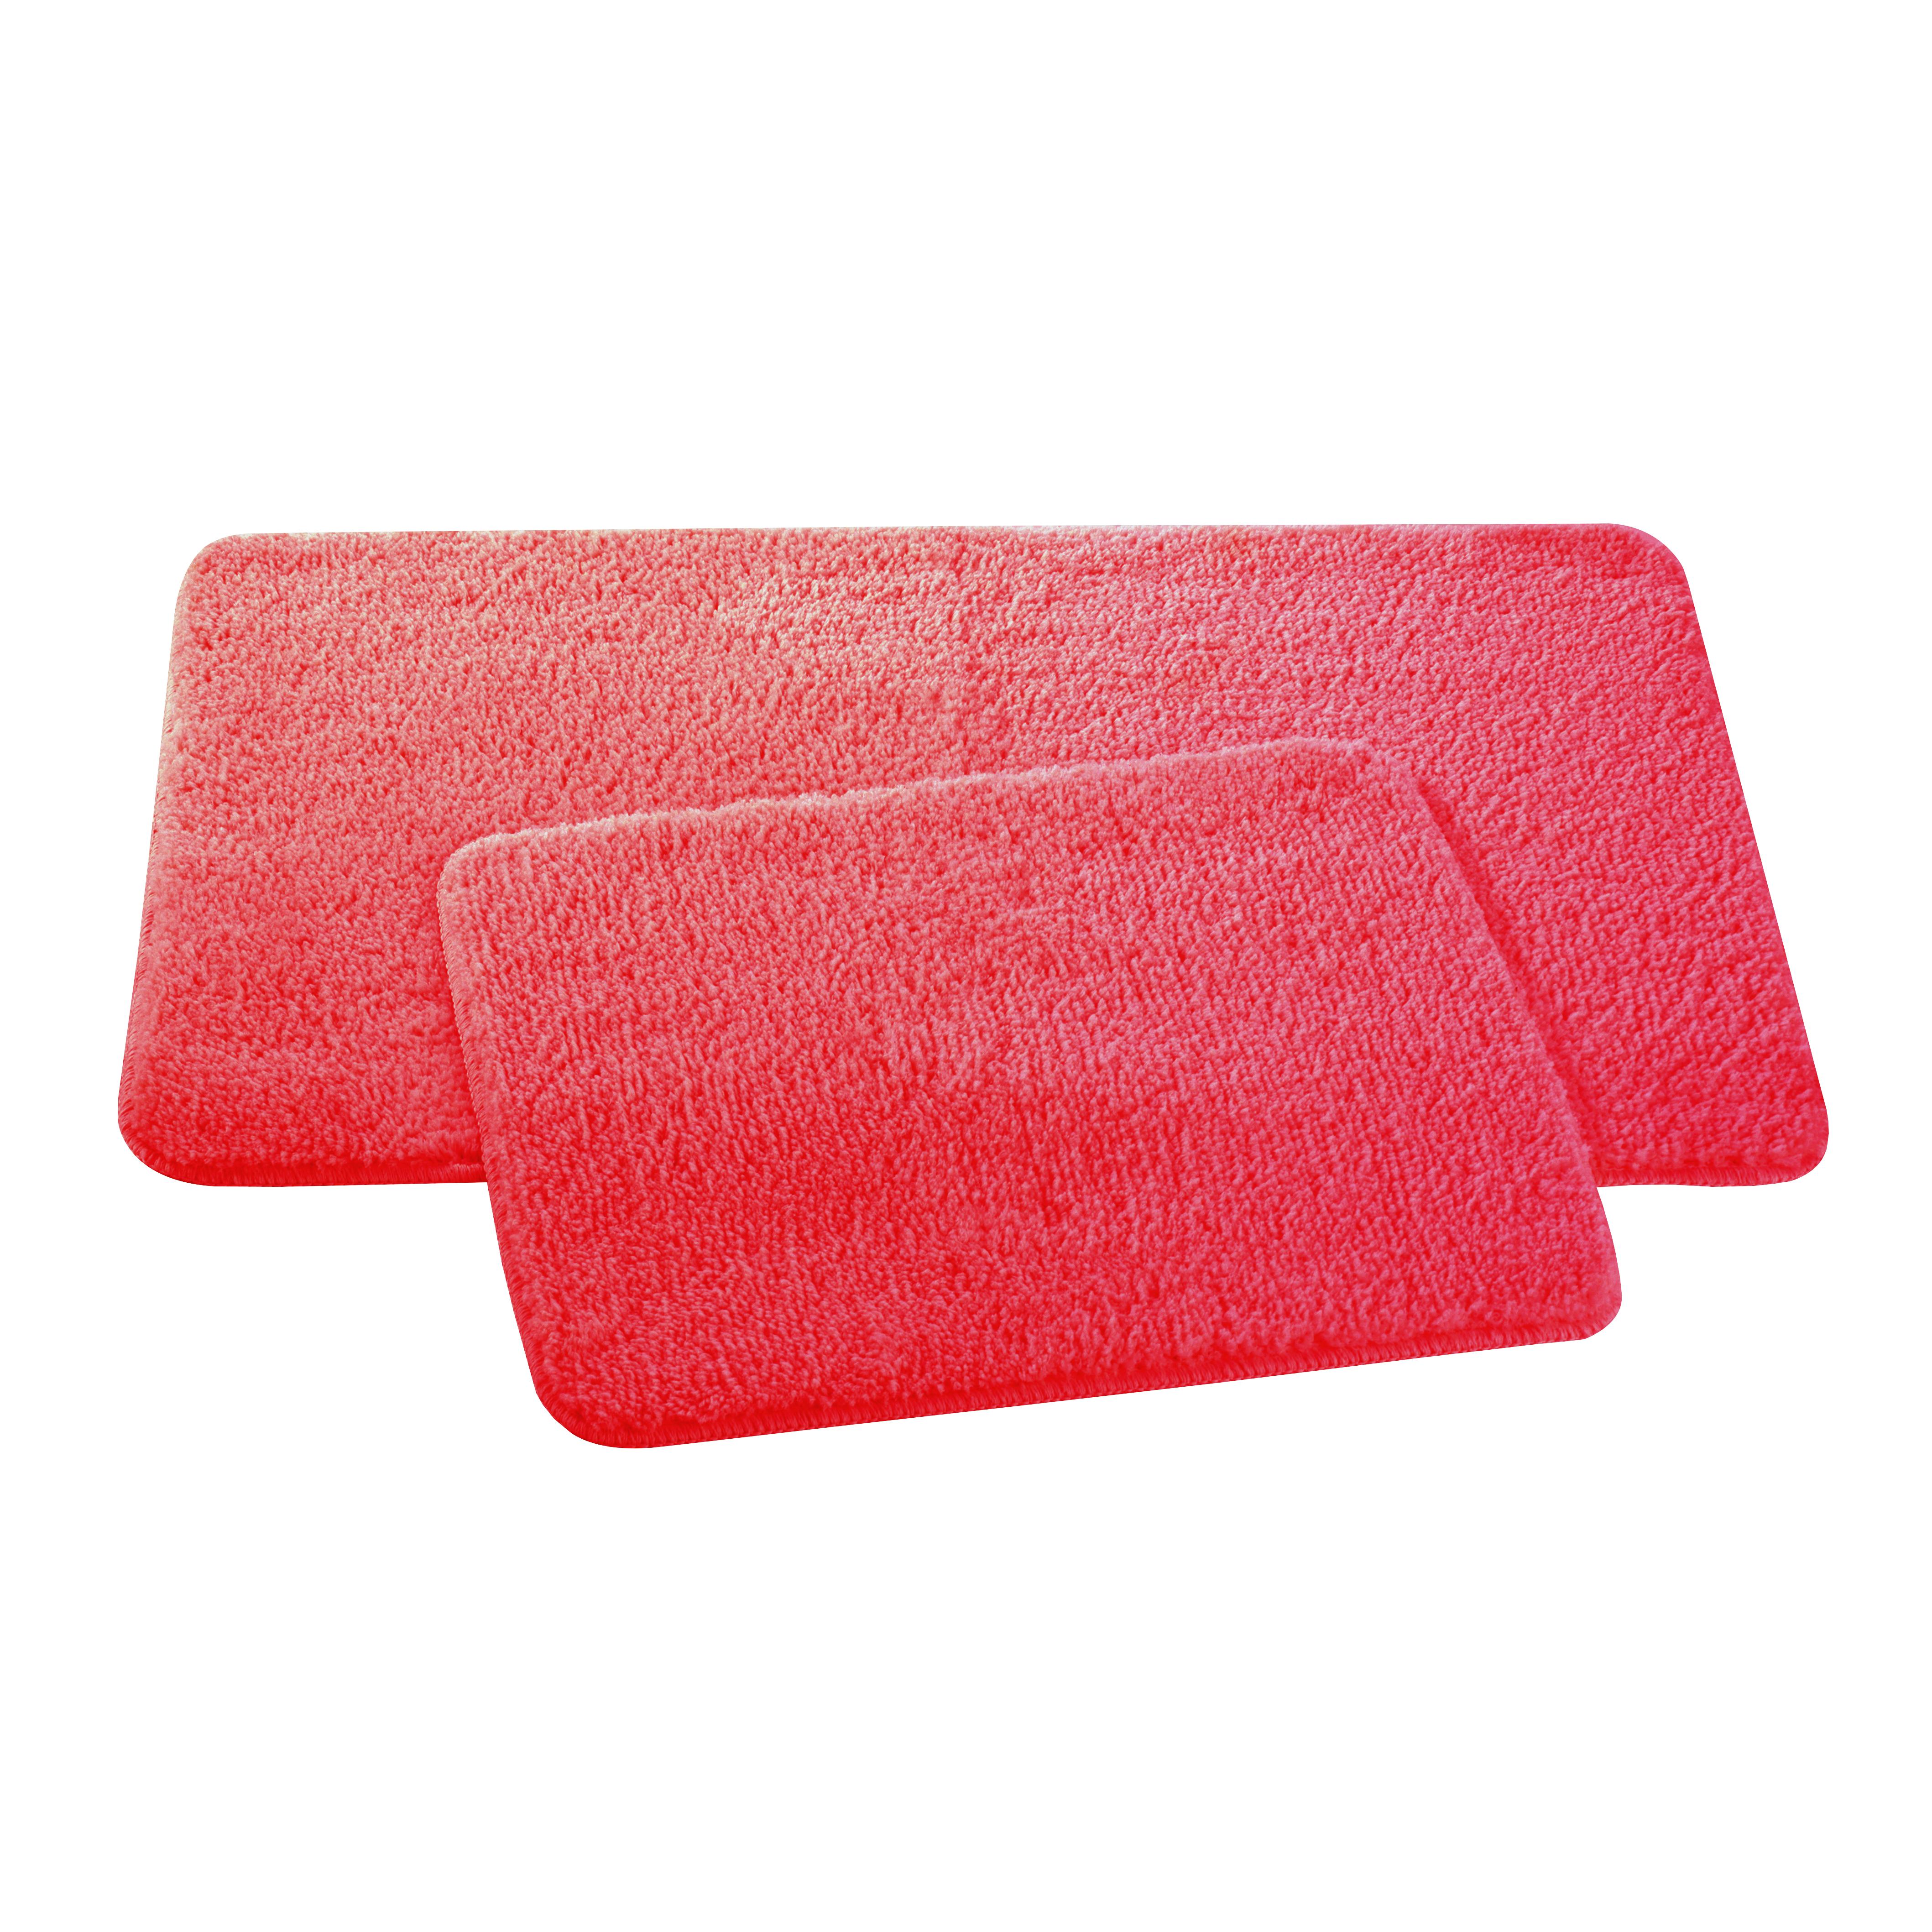 Набор ковриков для ванной и туалета Axentia, цвет: красный, 2 шт116138Набор Axentia, выполненный из микрофибры (100% полиэстер), состоит из двух стеганых ковриков для ванной комнаты и туалета. Противоскользящее основание изготовлено из термопластичной резины и подходит для полов с подогревом. Коврики мягкие и приятные на ощупь, отлично впитывают влагу и быстро сохнут. Высокая износостойкость ковриков и стойкость цвета позволит вам наслаждаться покупкой долгие годы. Можно стирать в стиральной машине. Размер ковриков: 50 х 80 см; 50 х 40 см. Высота ворса 1,5 см.